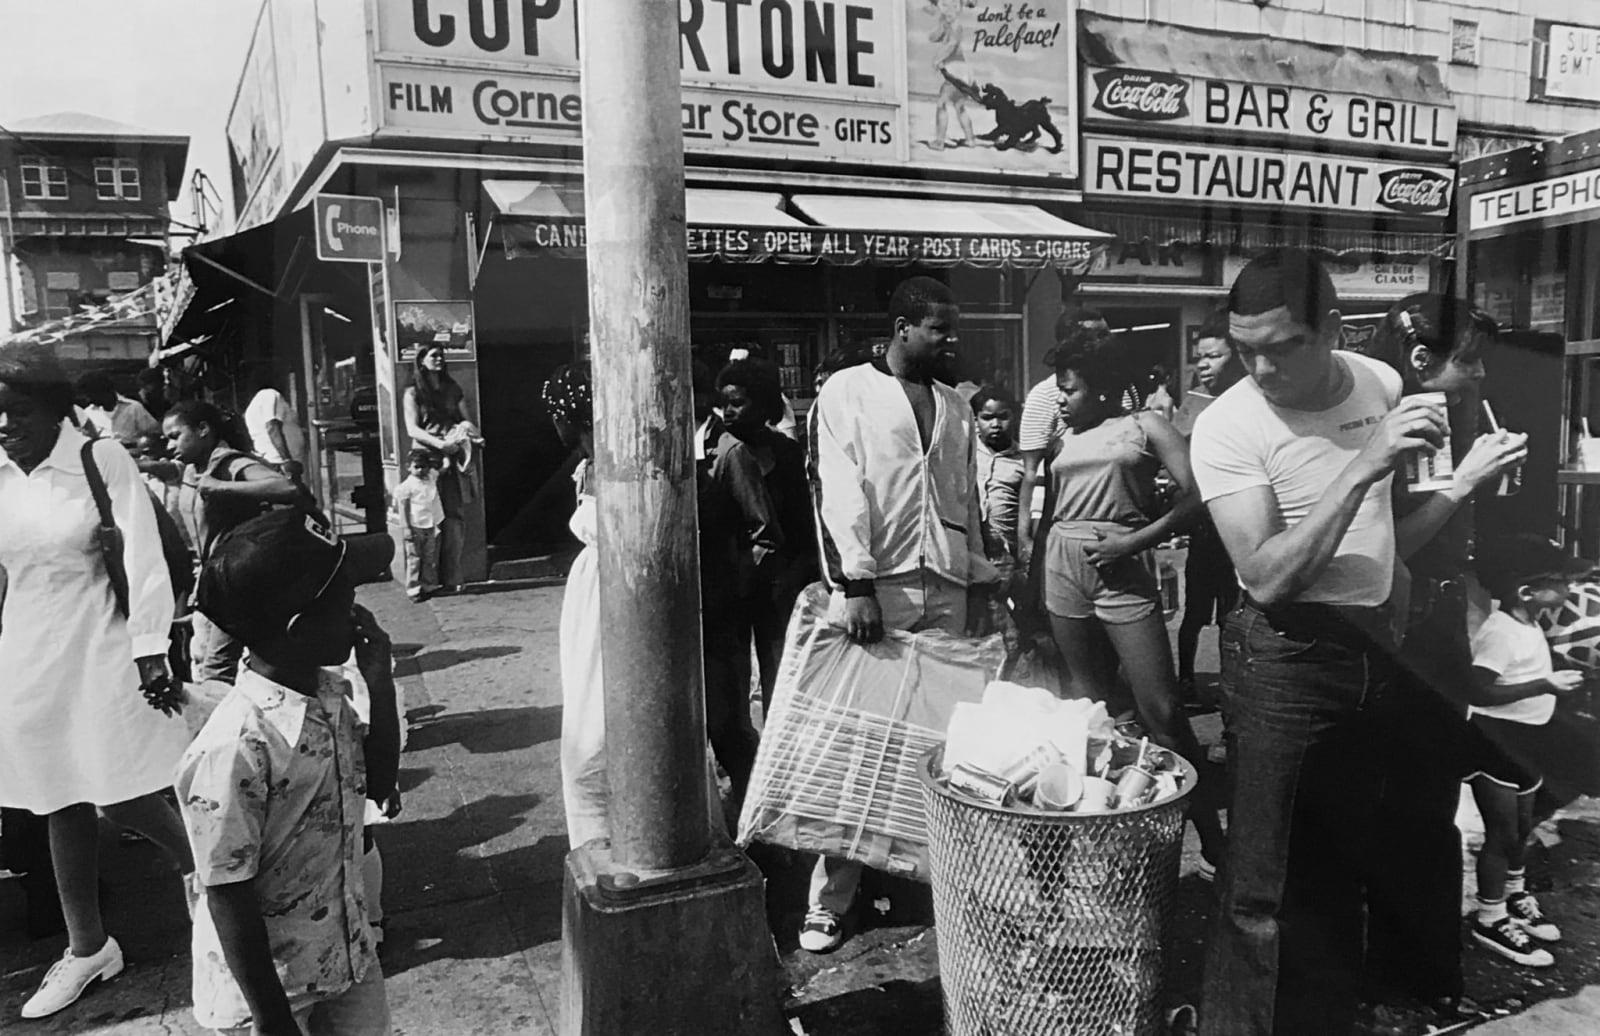 William Klein - Corner Store, Coney Island, 1980